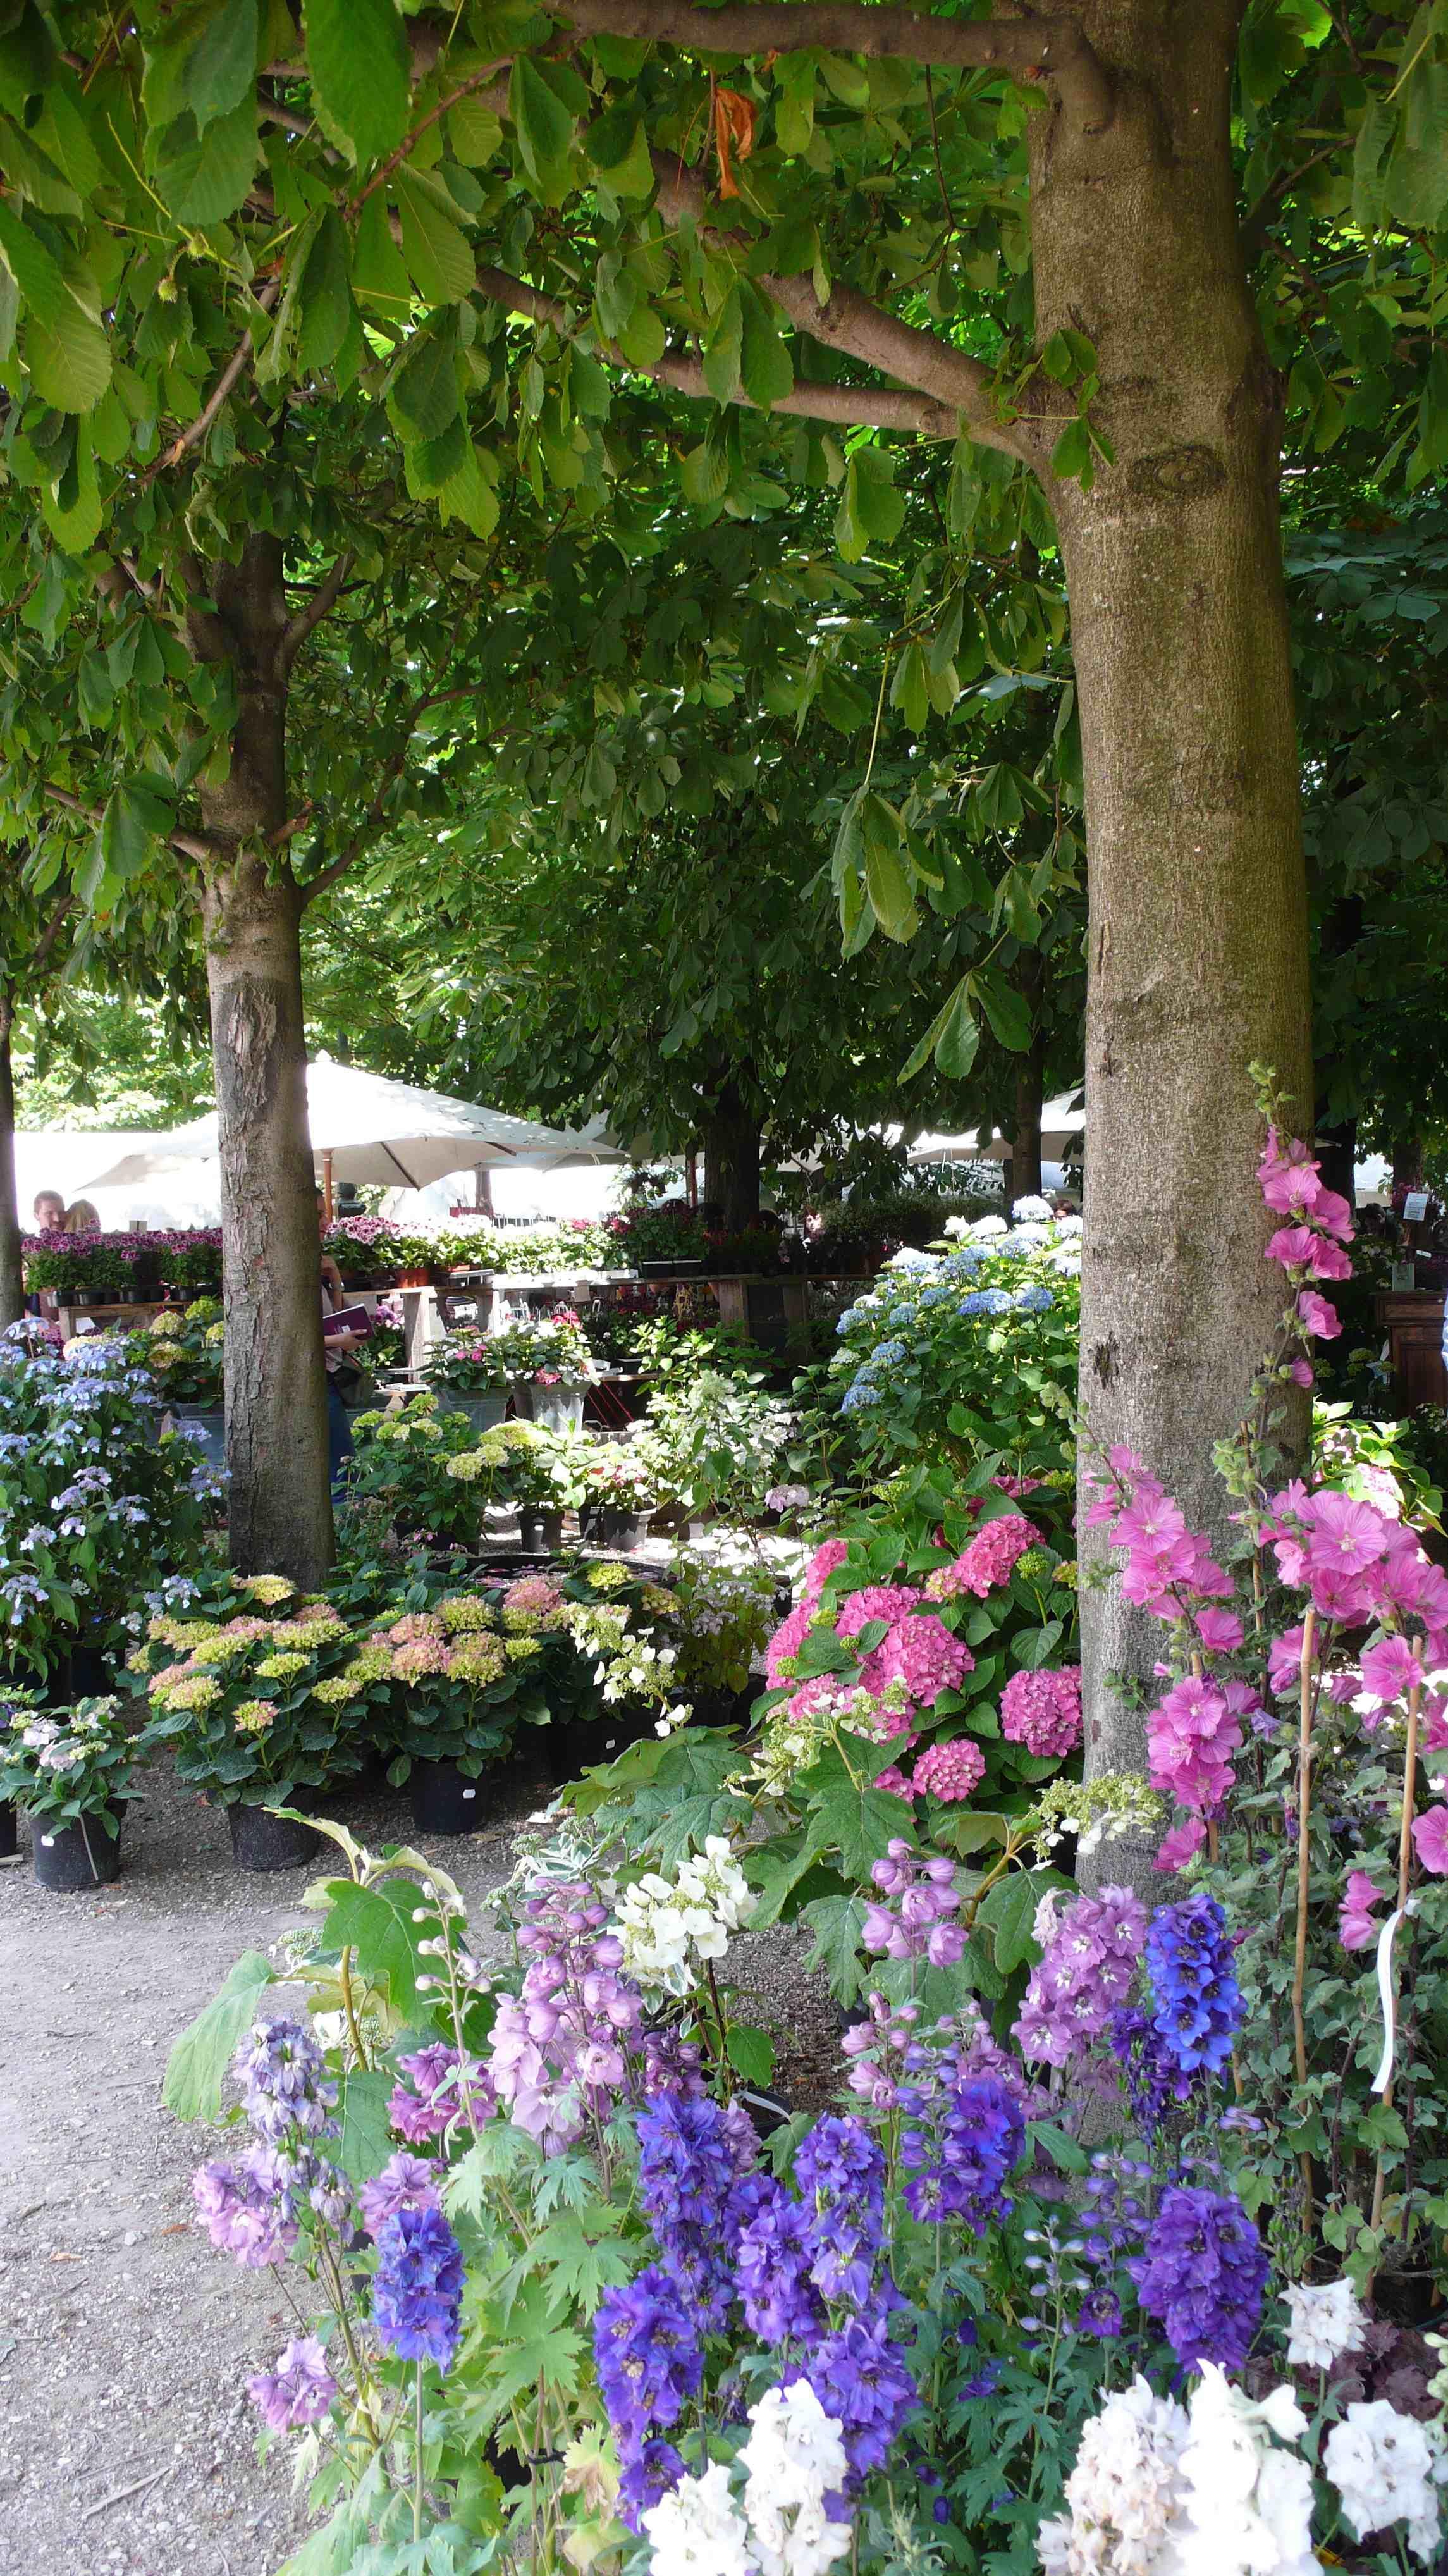 Jardins jardin aux tuileries a landscape lover 39 s blog for Aux jardins